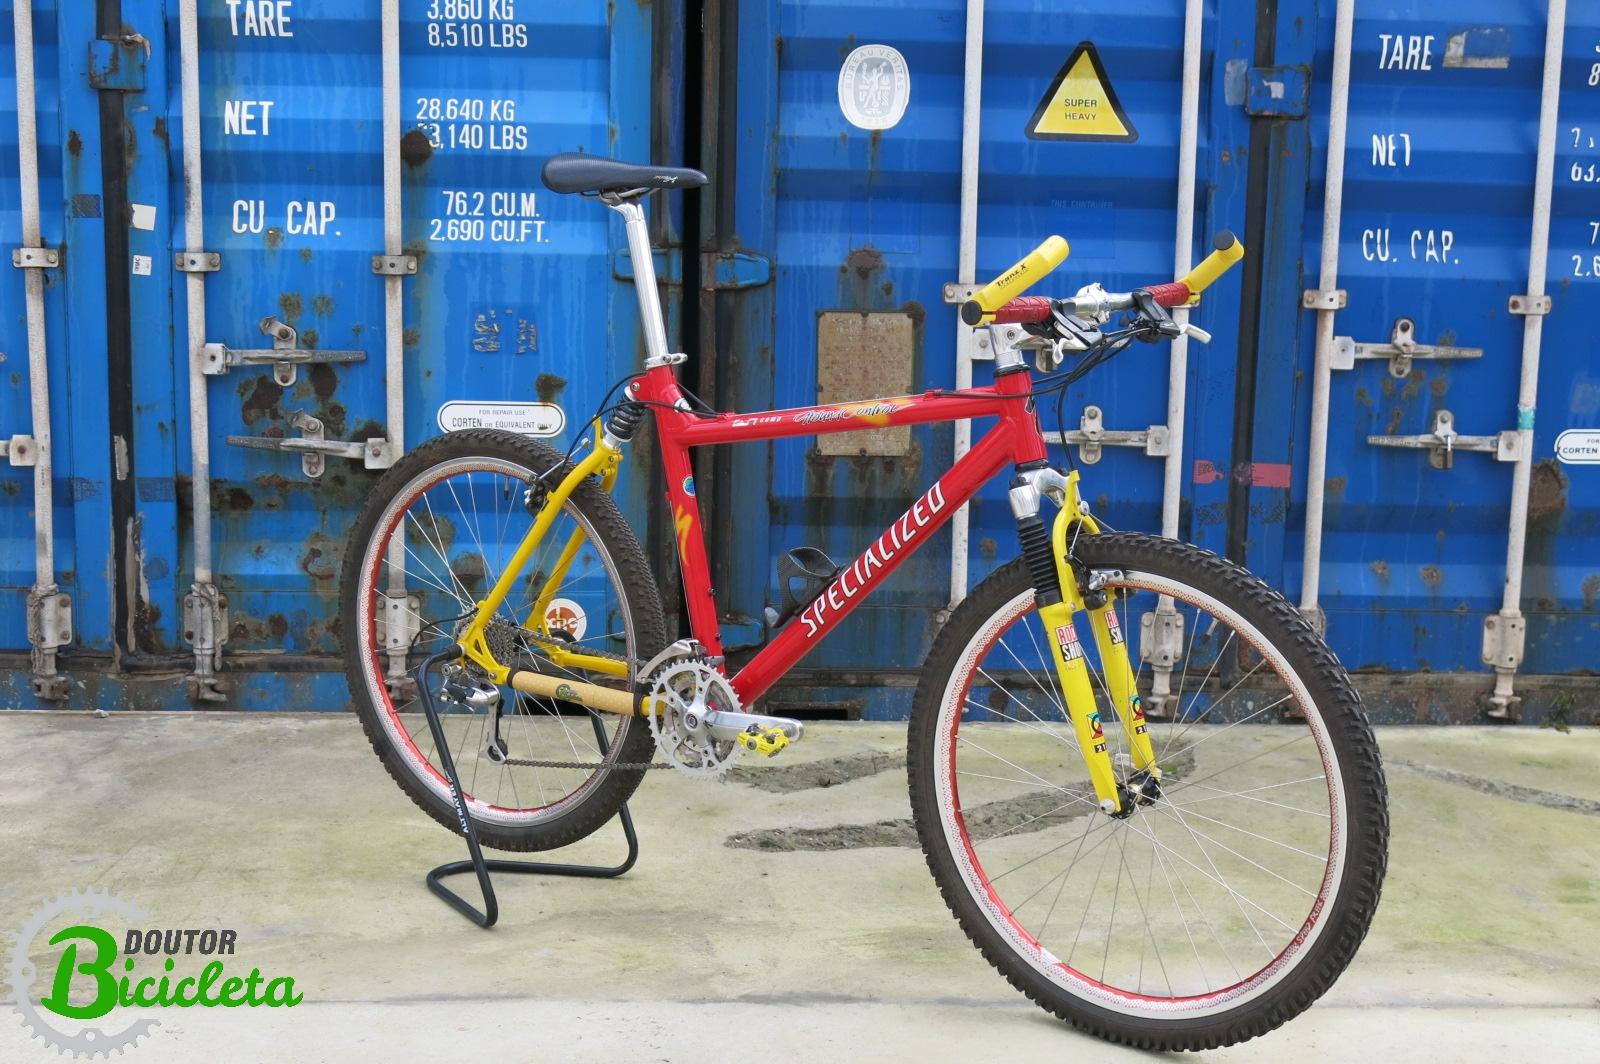 Bicicleta Specialized Ground Control